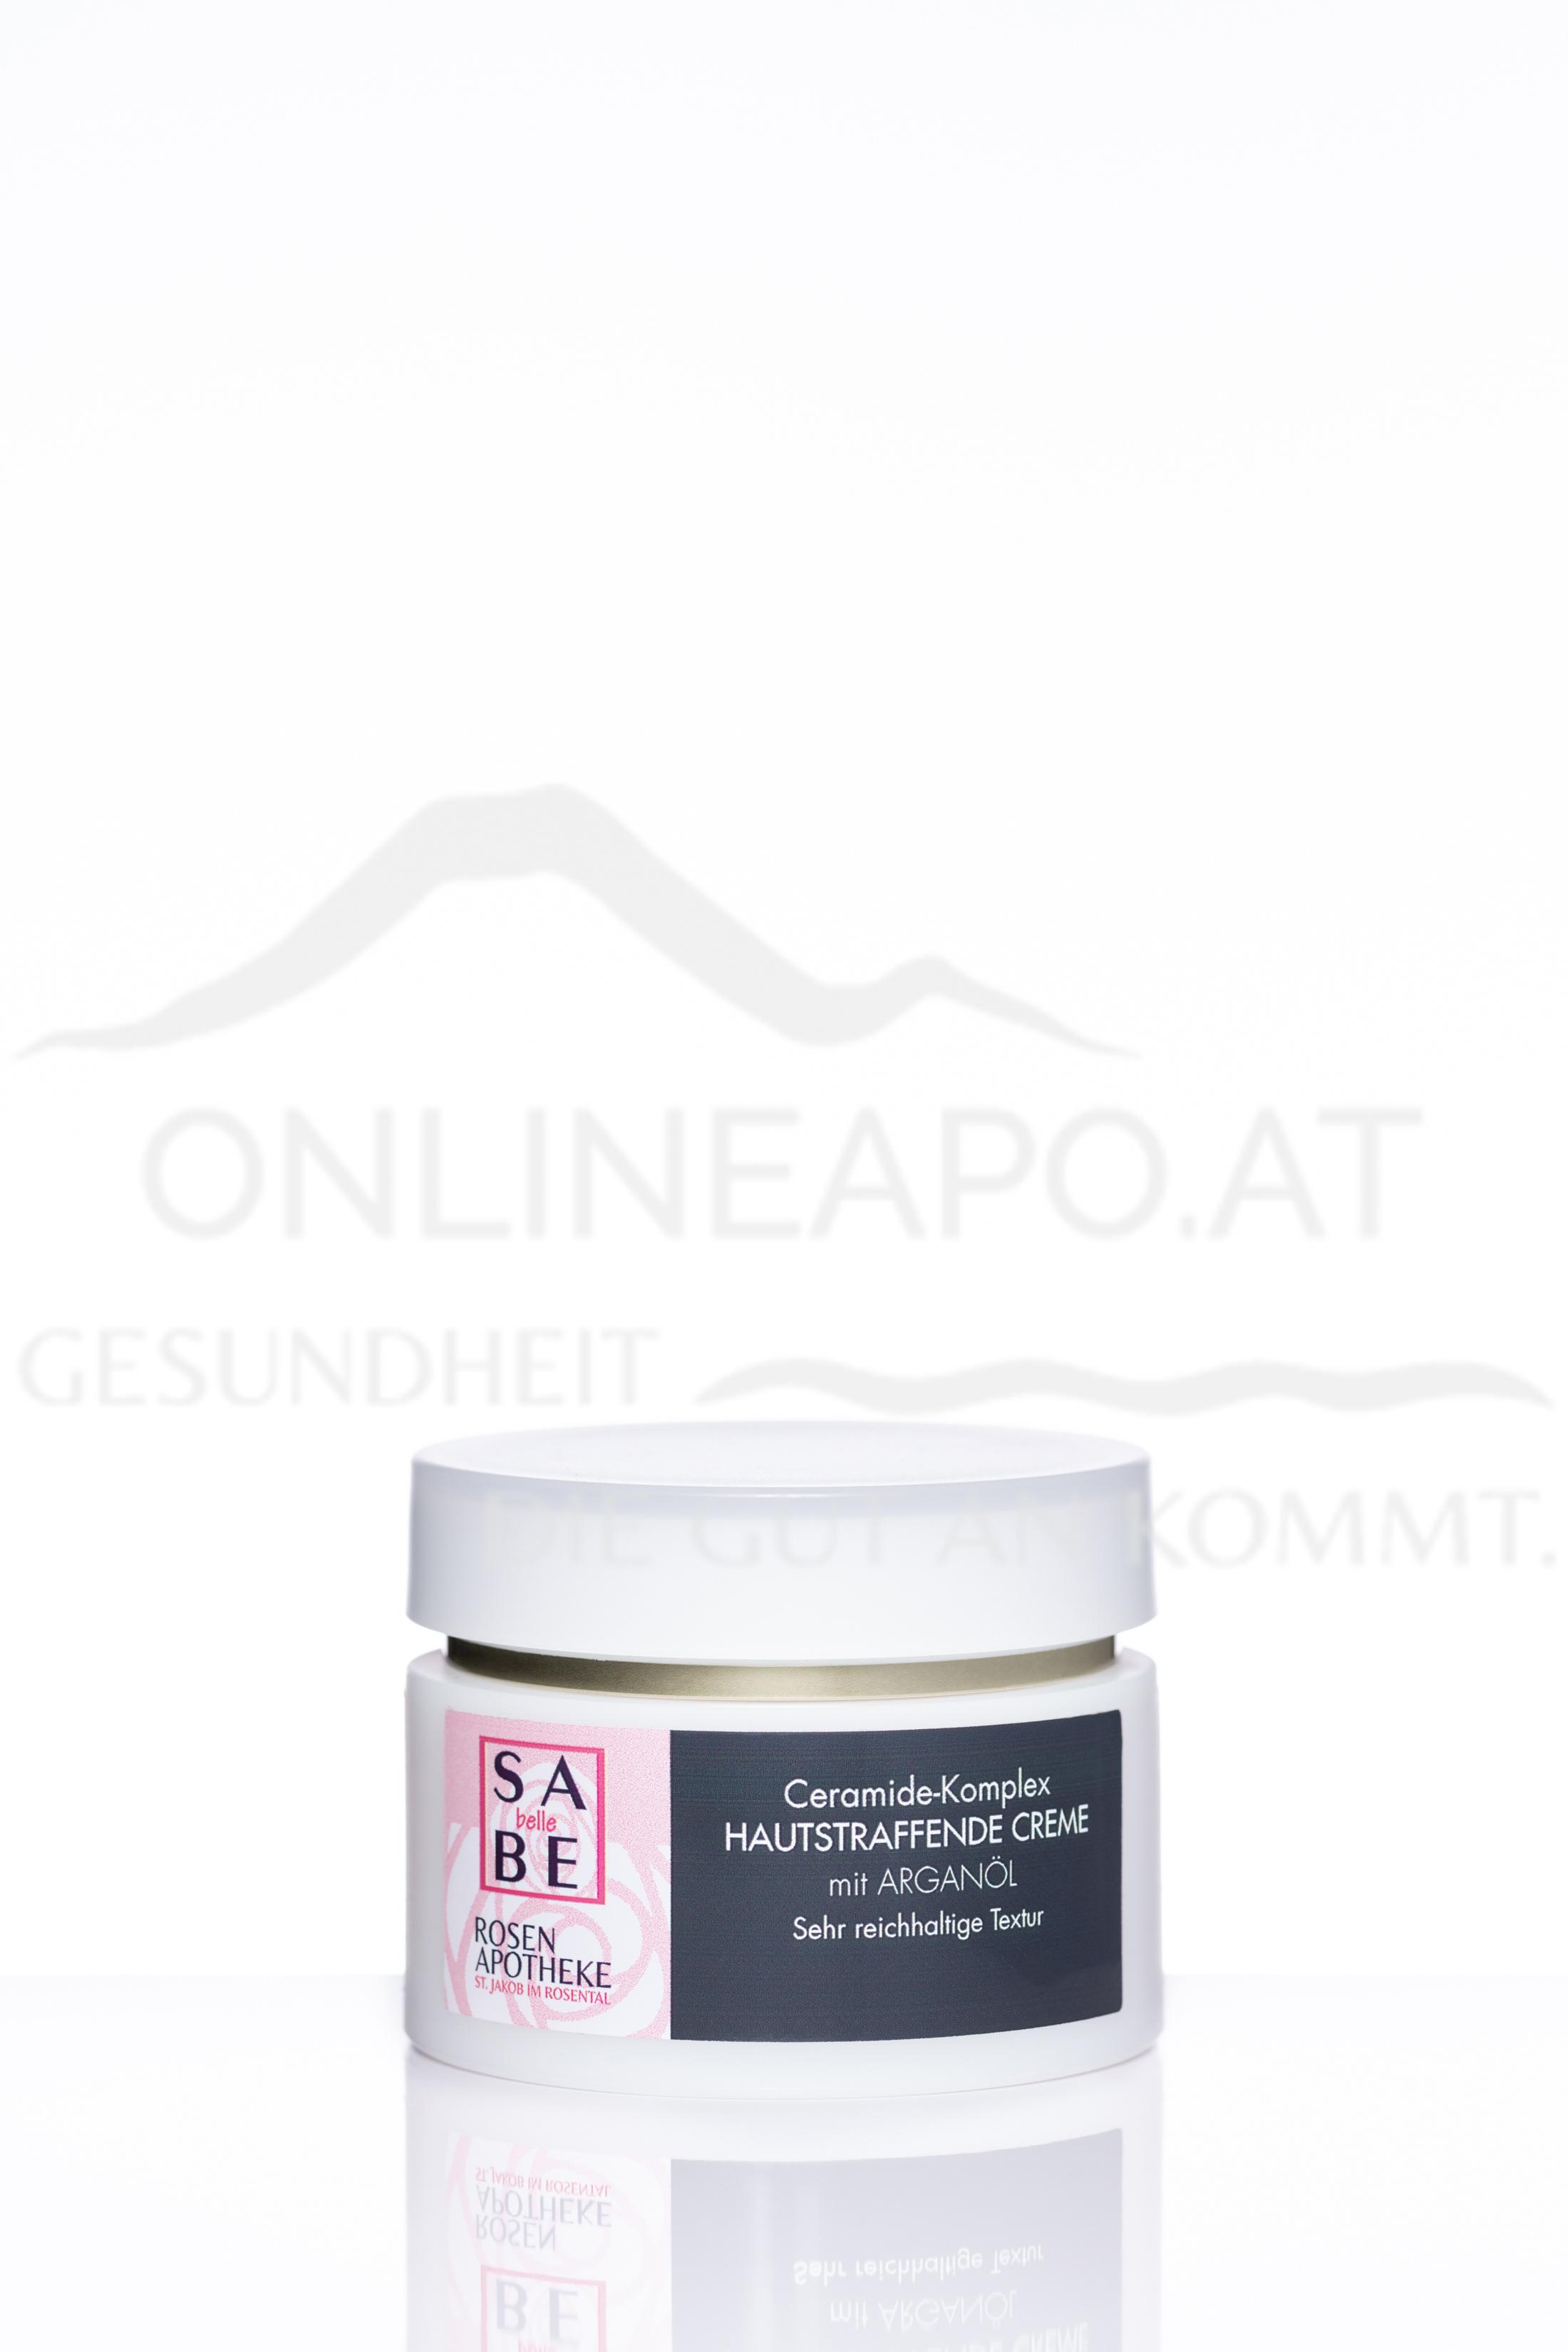 SABE belle Ceramide-Komplex Hautstraffende Creme mit Arganöl